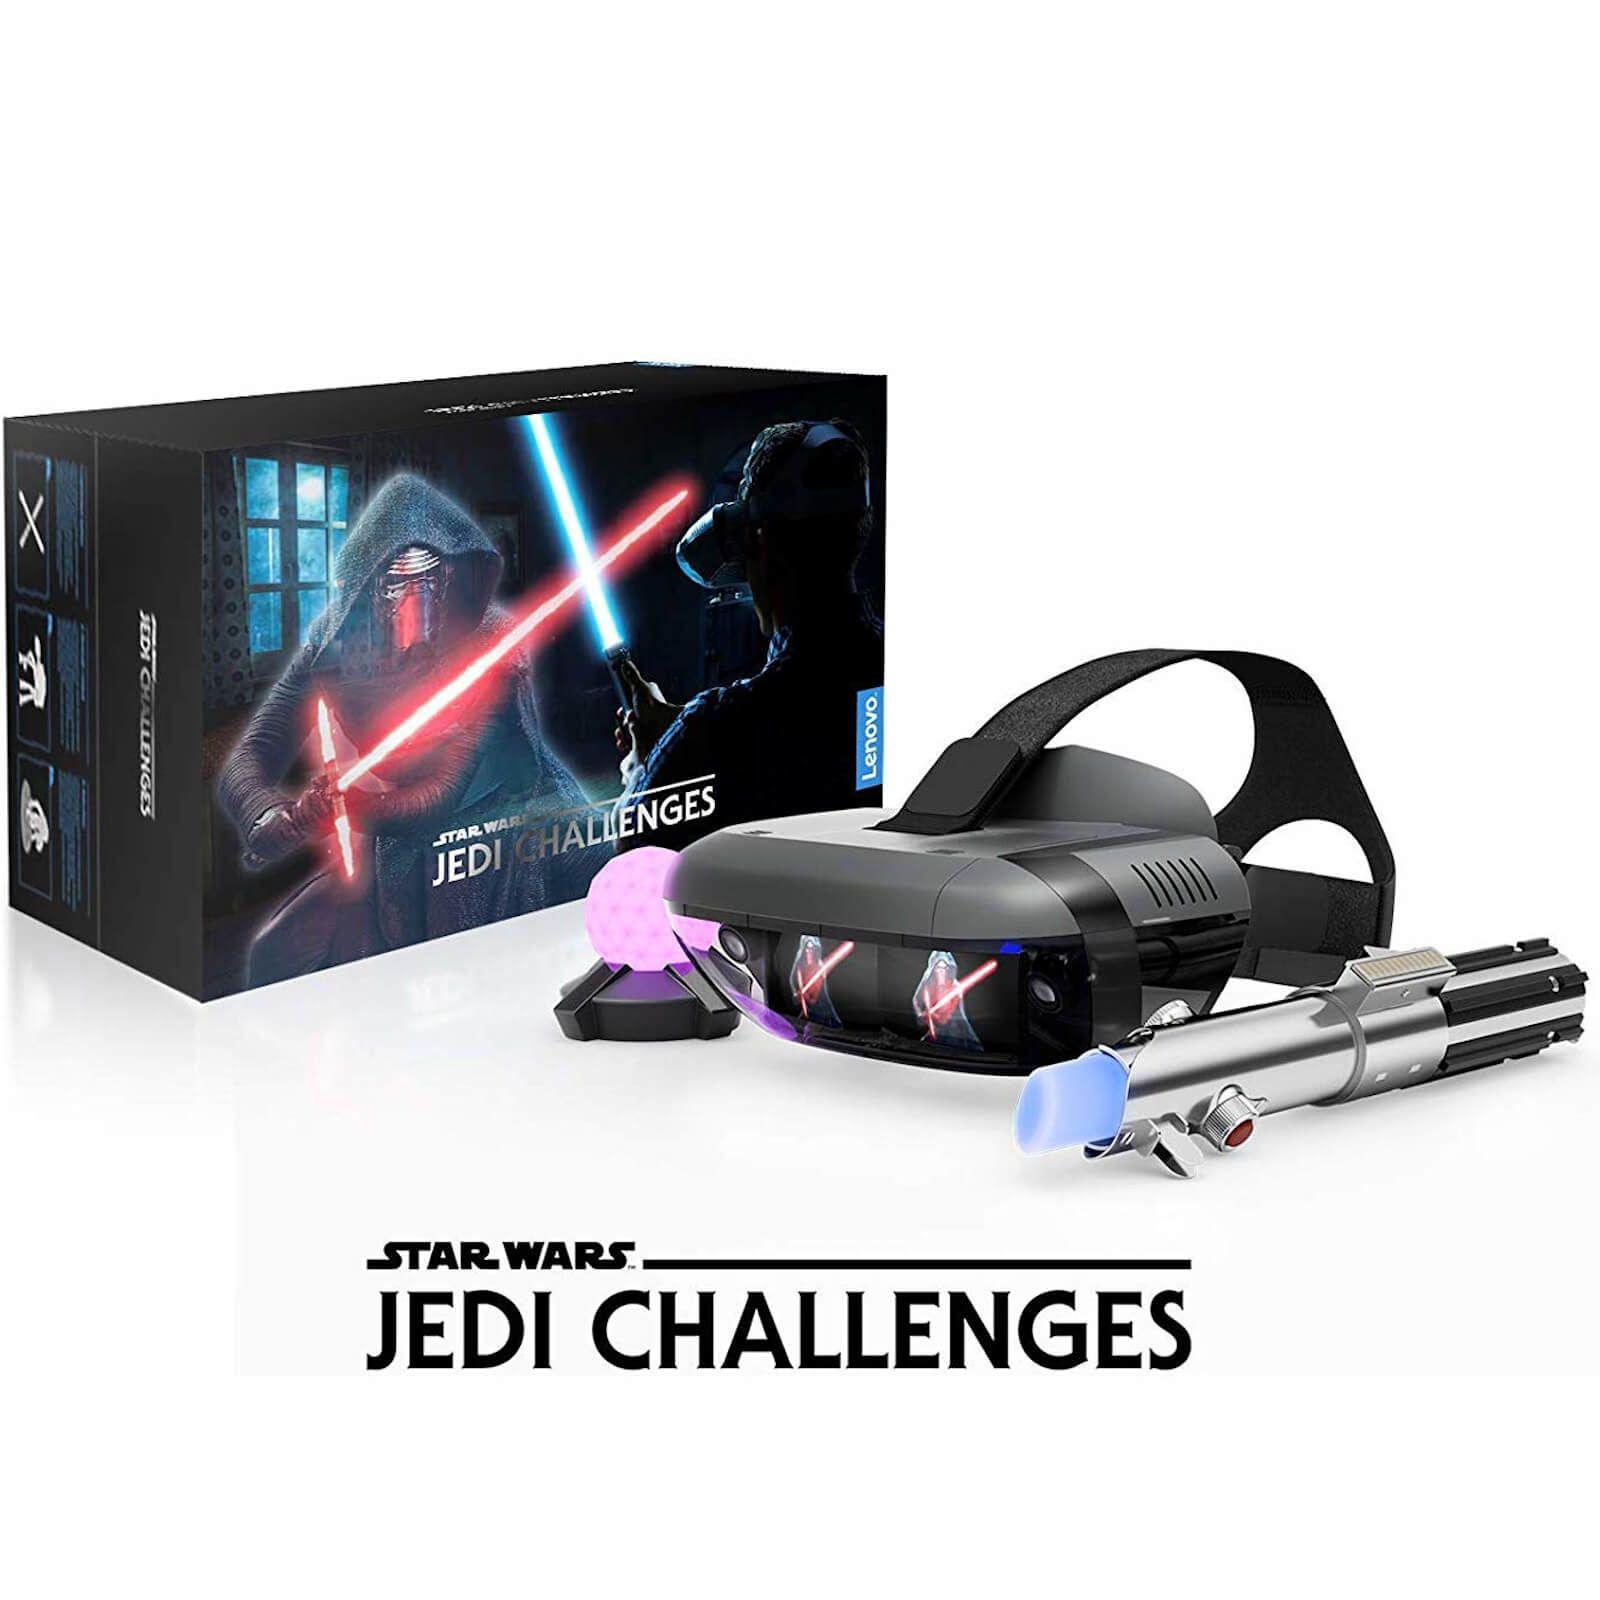 Pack Lenovo Casque de réalité augmenté Star Wars Jedi Challenges